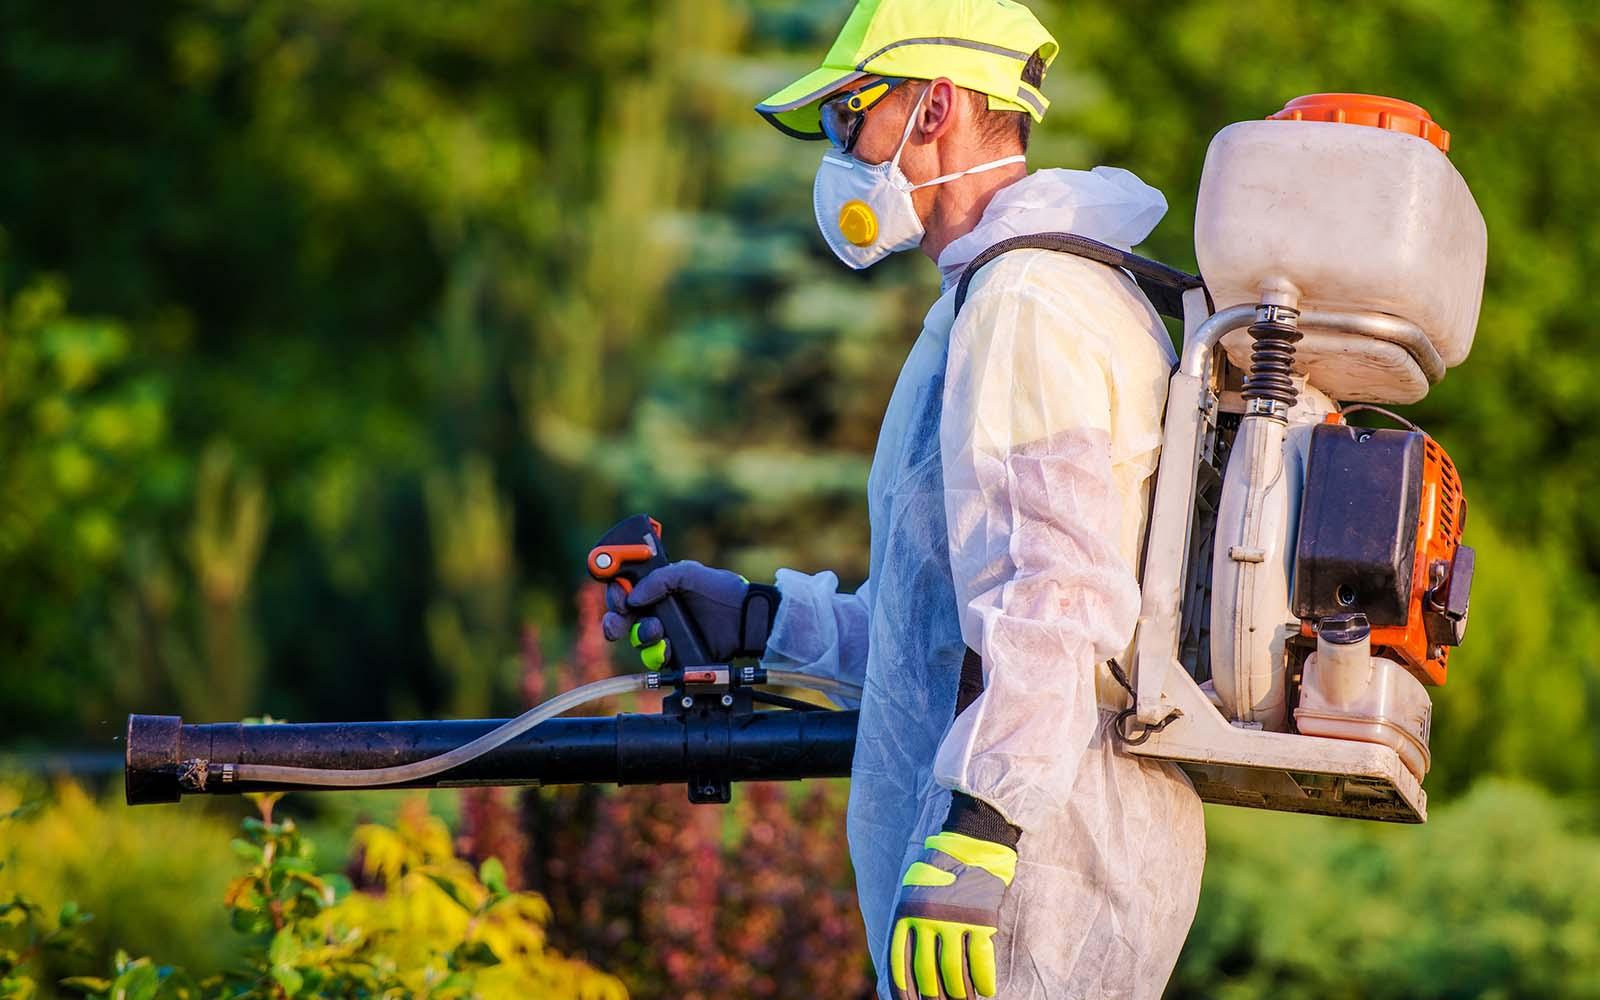 Gli uomini con la benzina Pest Control attrezzature d'irrorazione